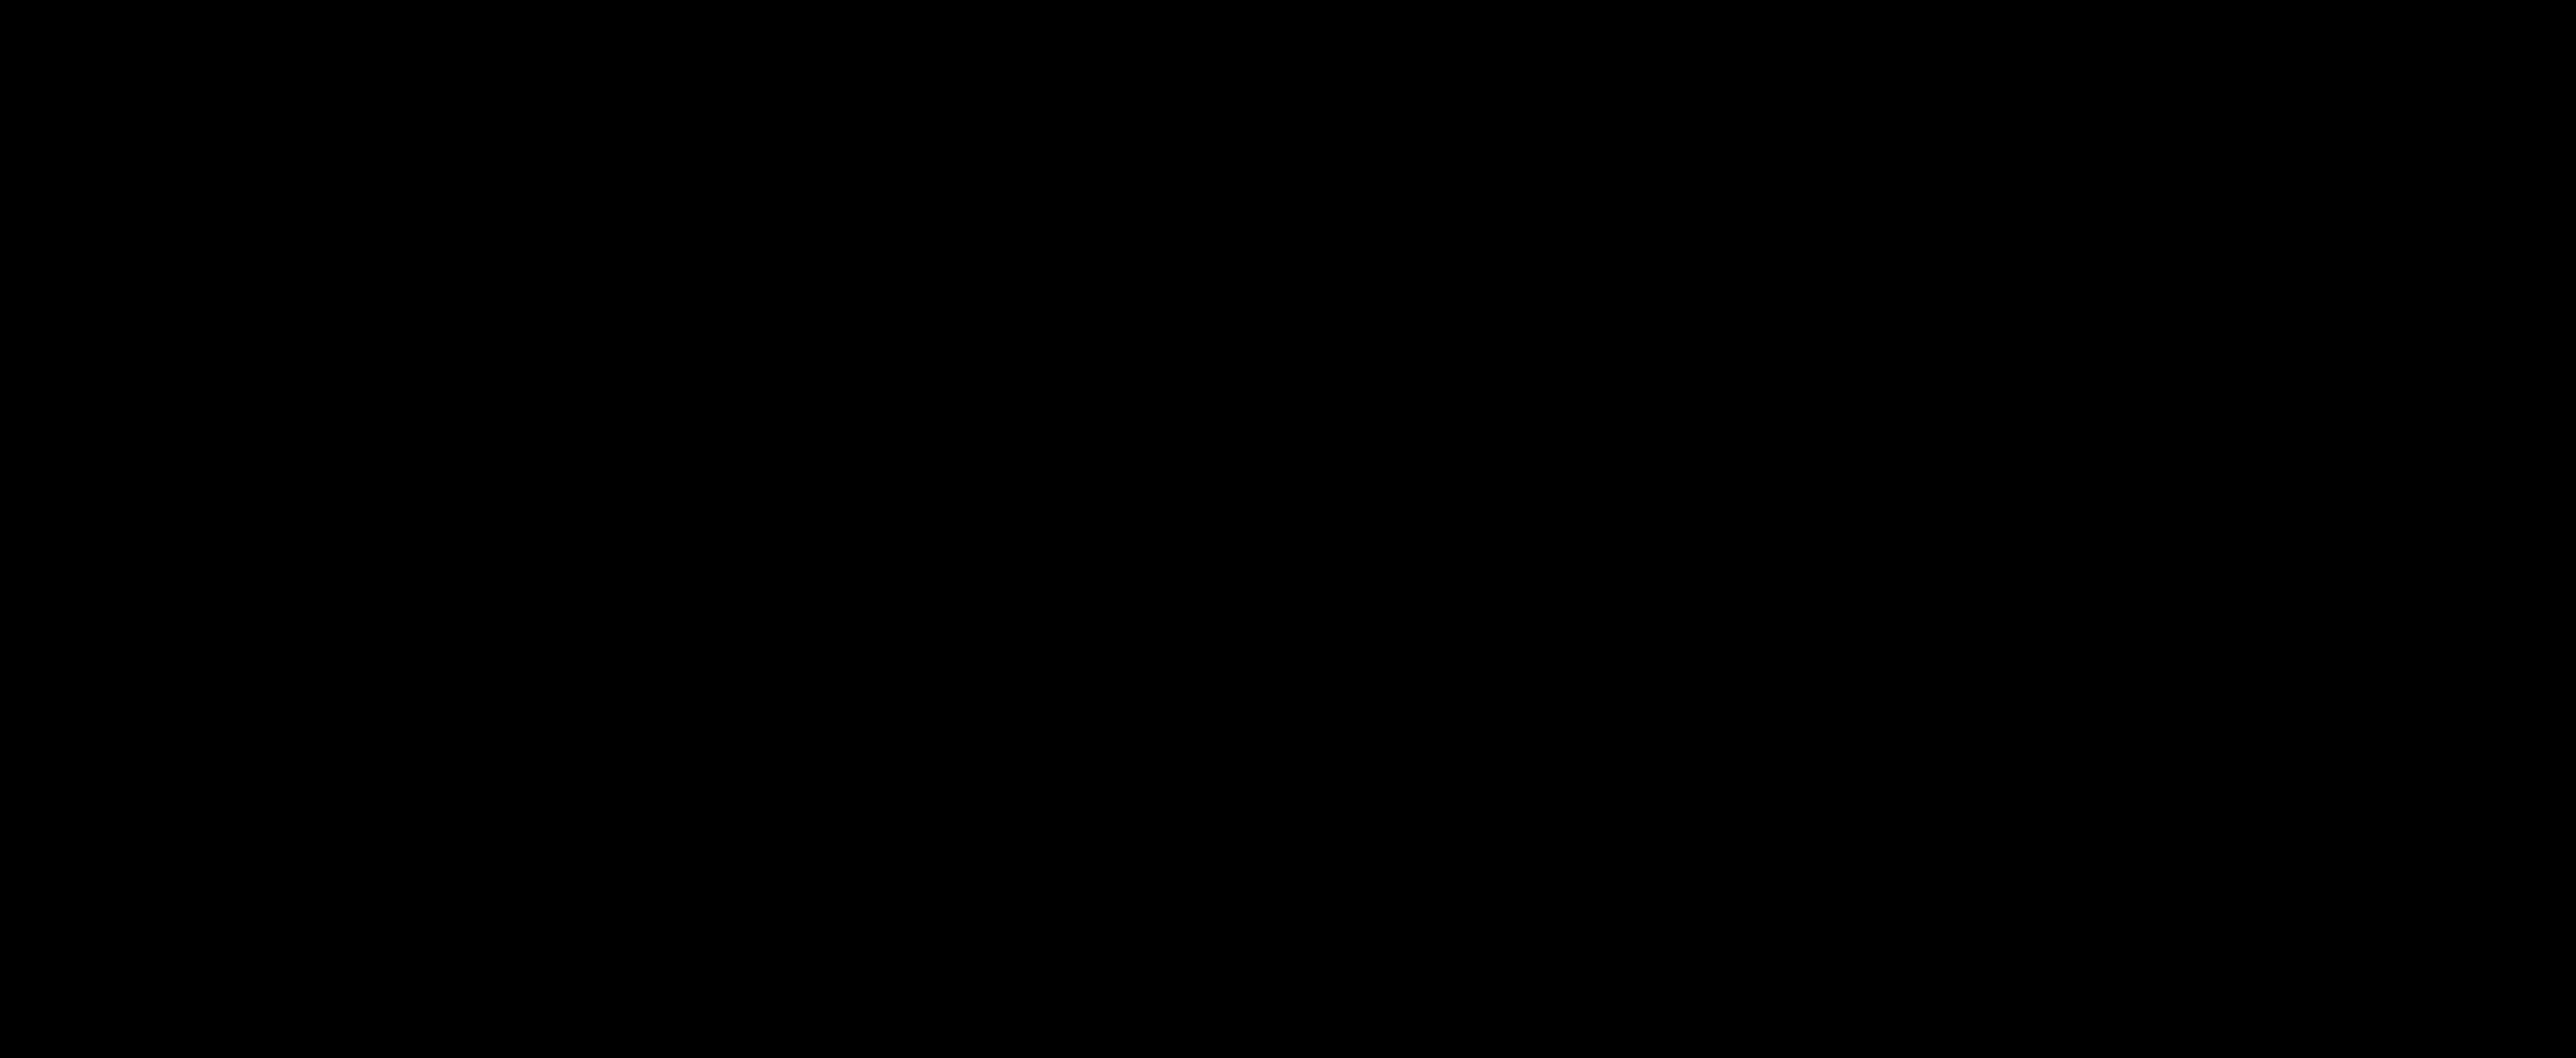 vGIS Logo, Autodesk Construction Cloud Integration